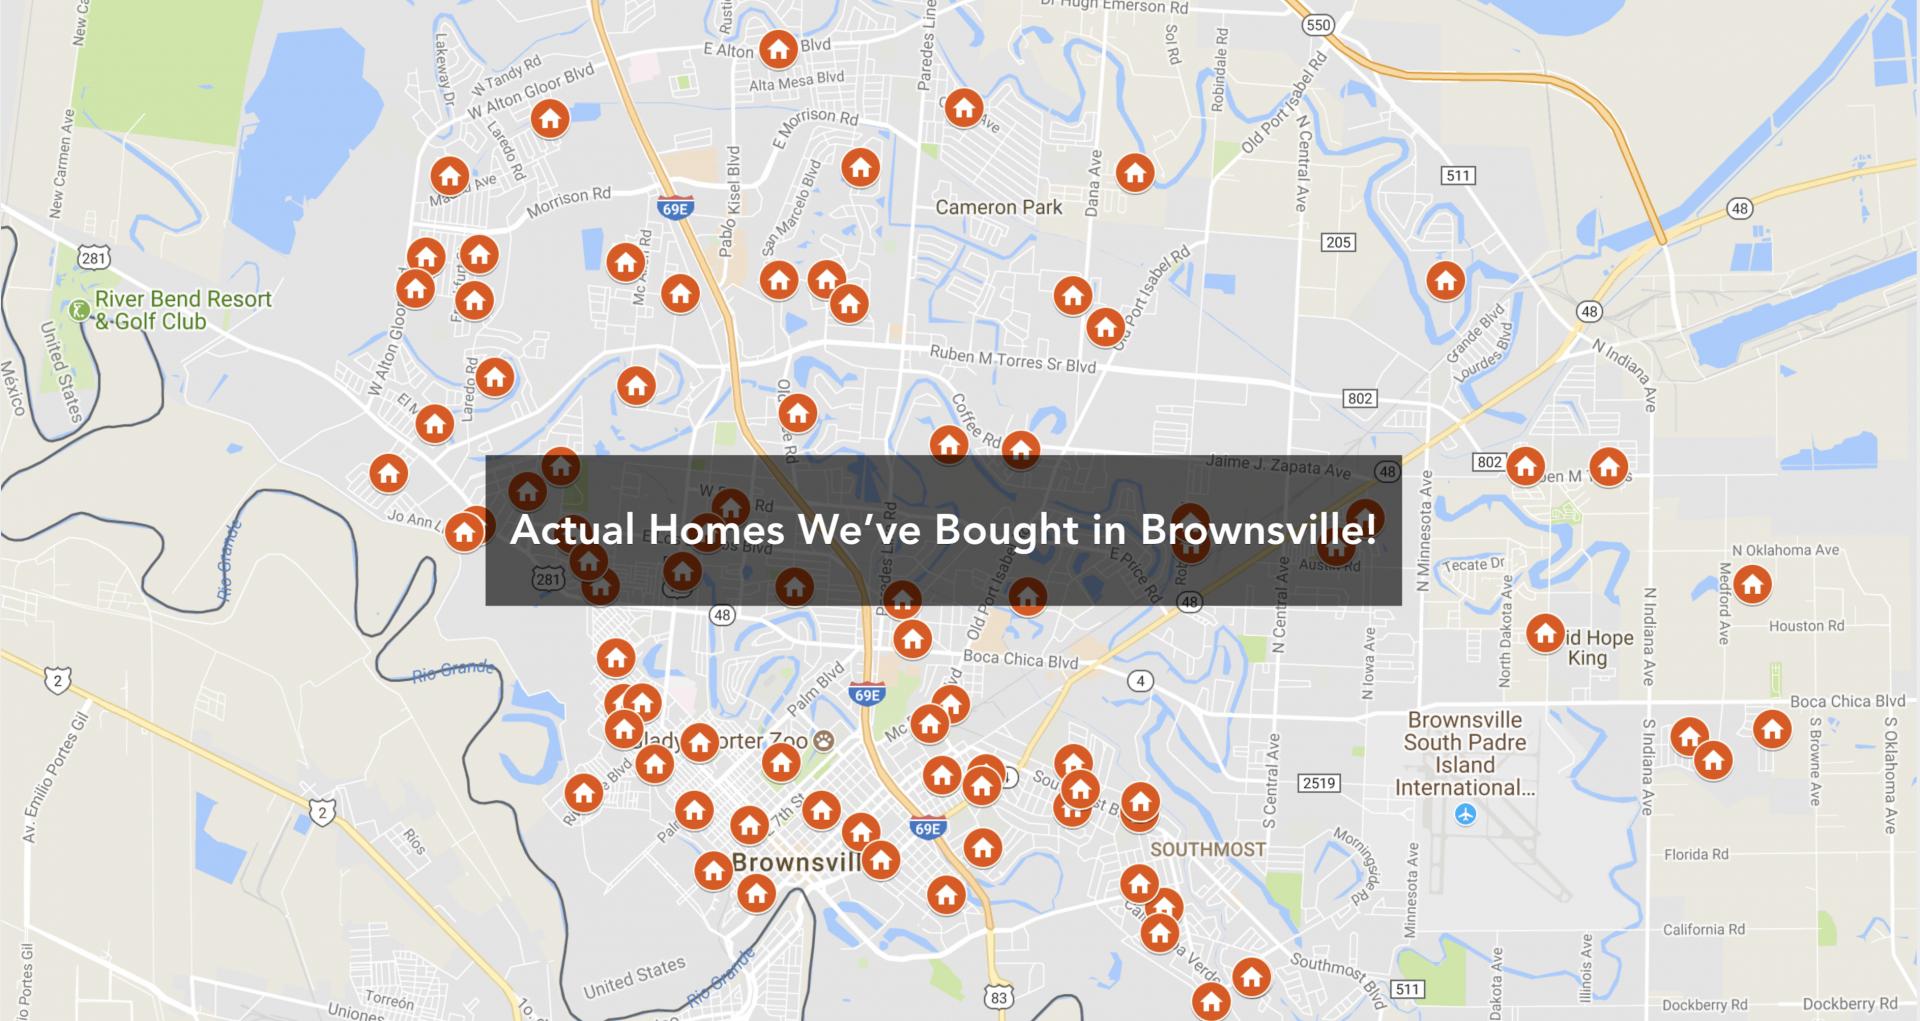 Estas son las casas que hemos comprado en Brownsville TX.